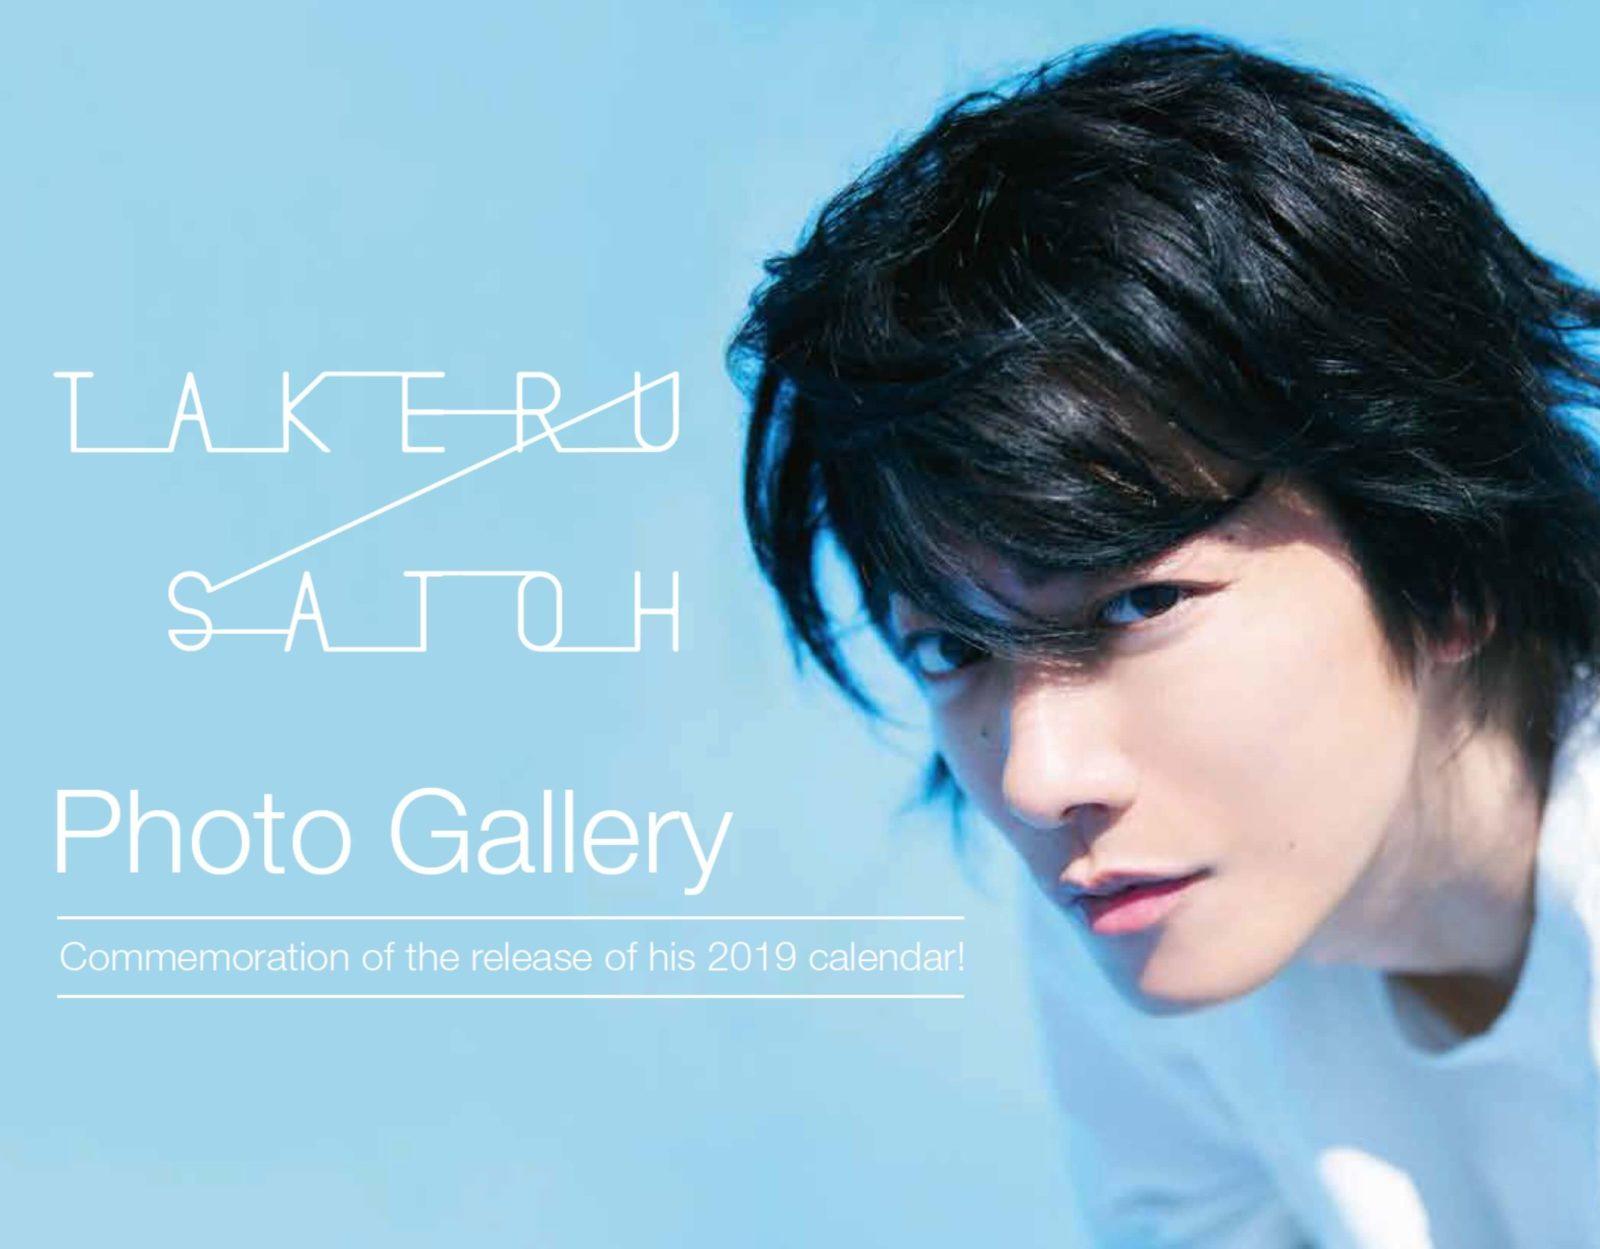 「佐藤健写真展2019」初の海外展アメリカ・ロサンゼルスでの開催決定サムネイル画像